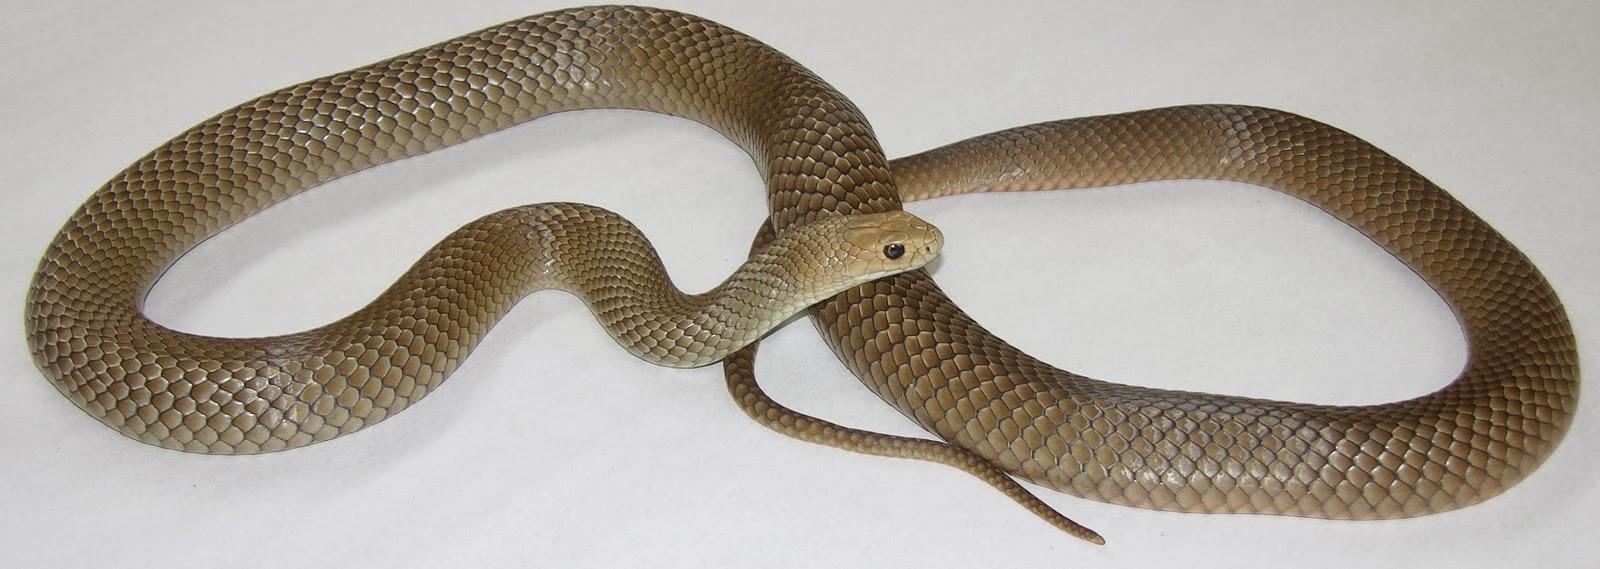 aveek blogs eastern brown snake